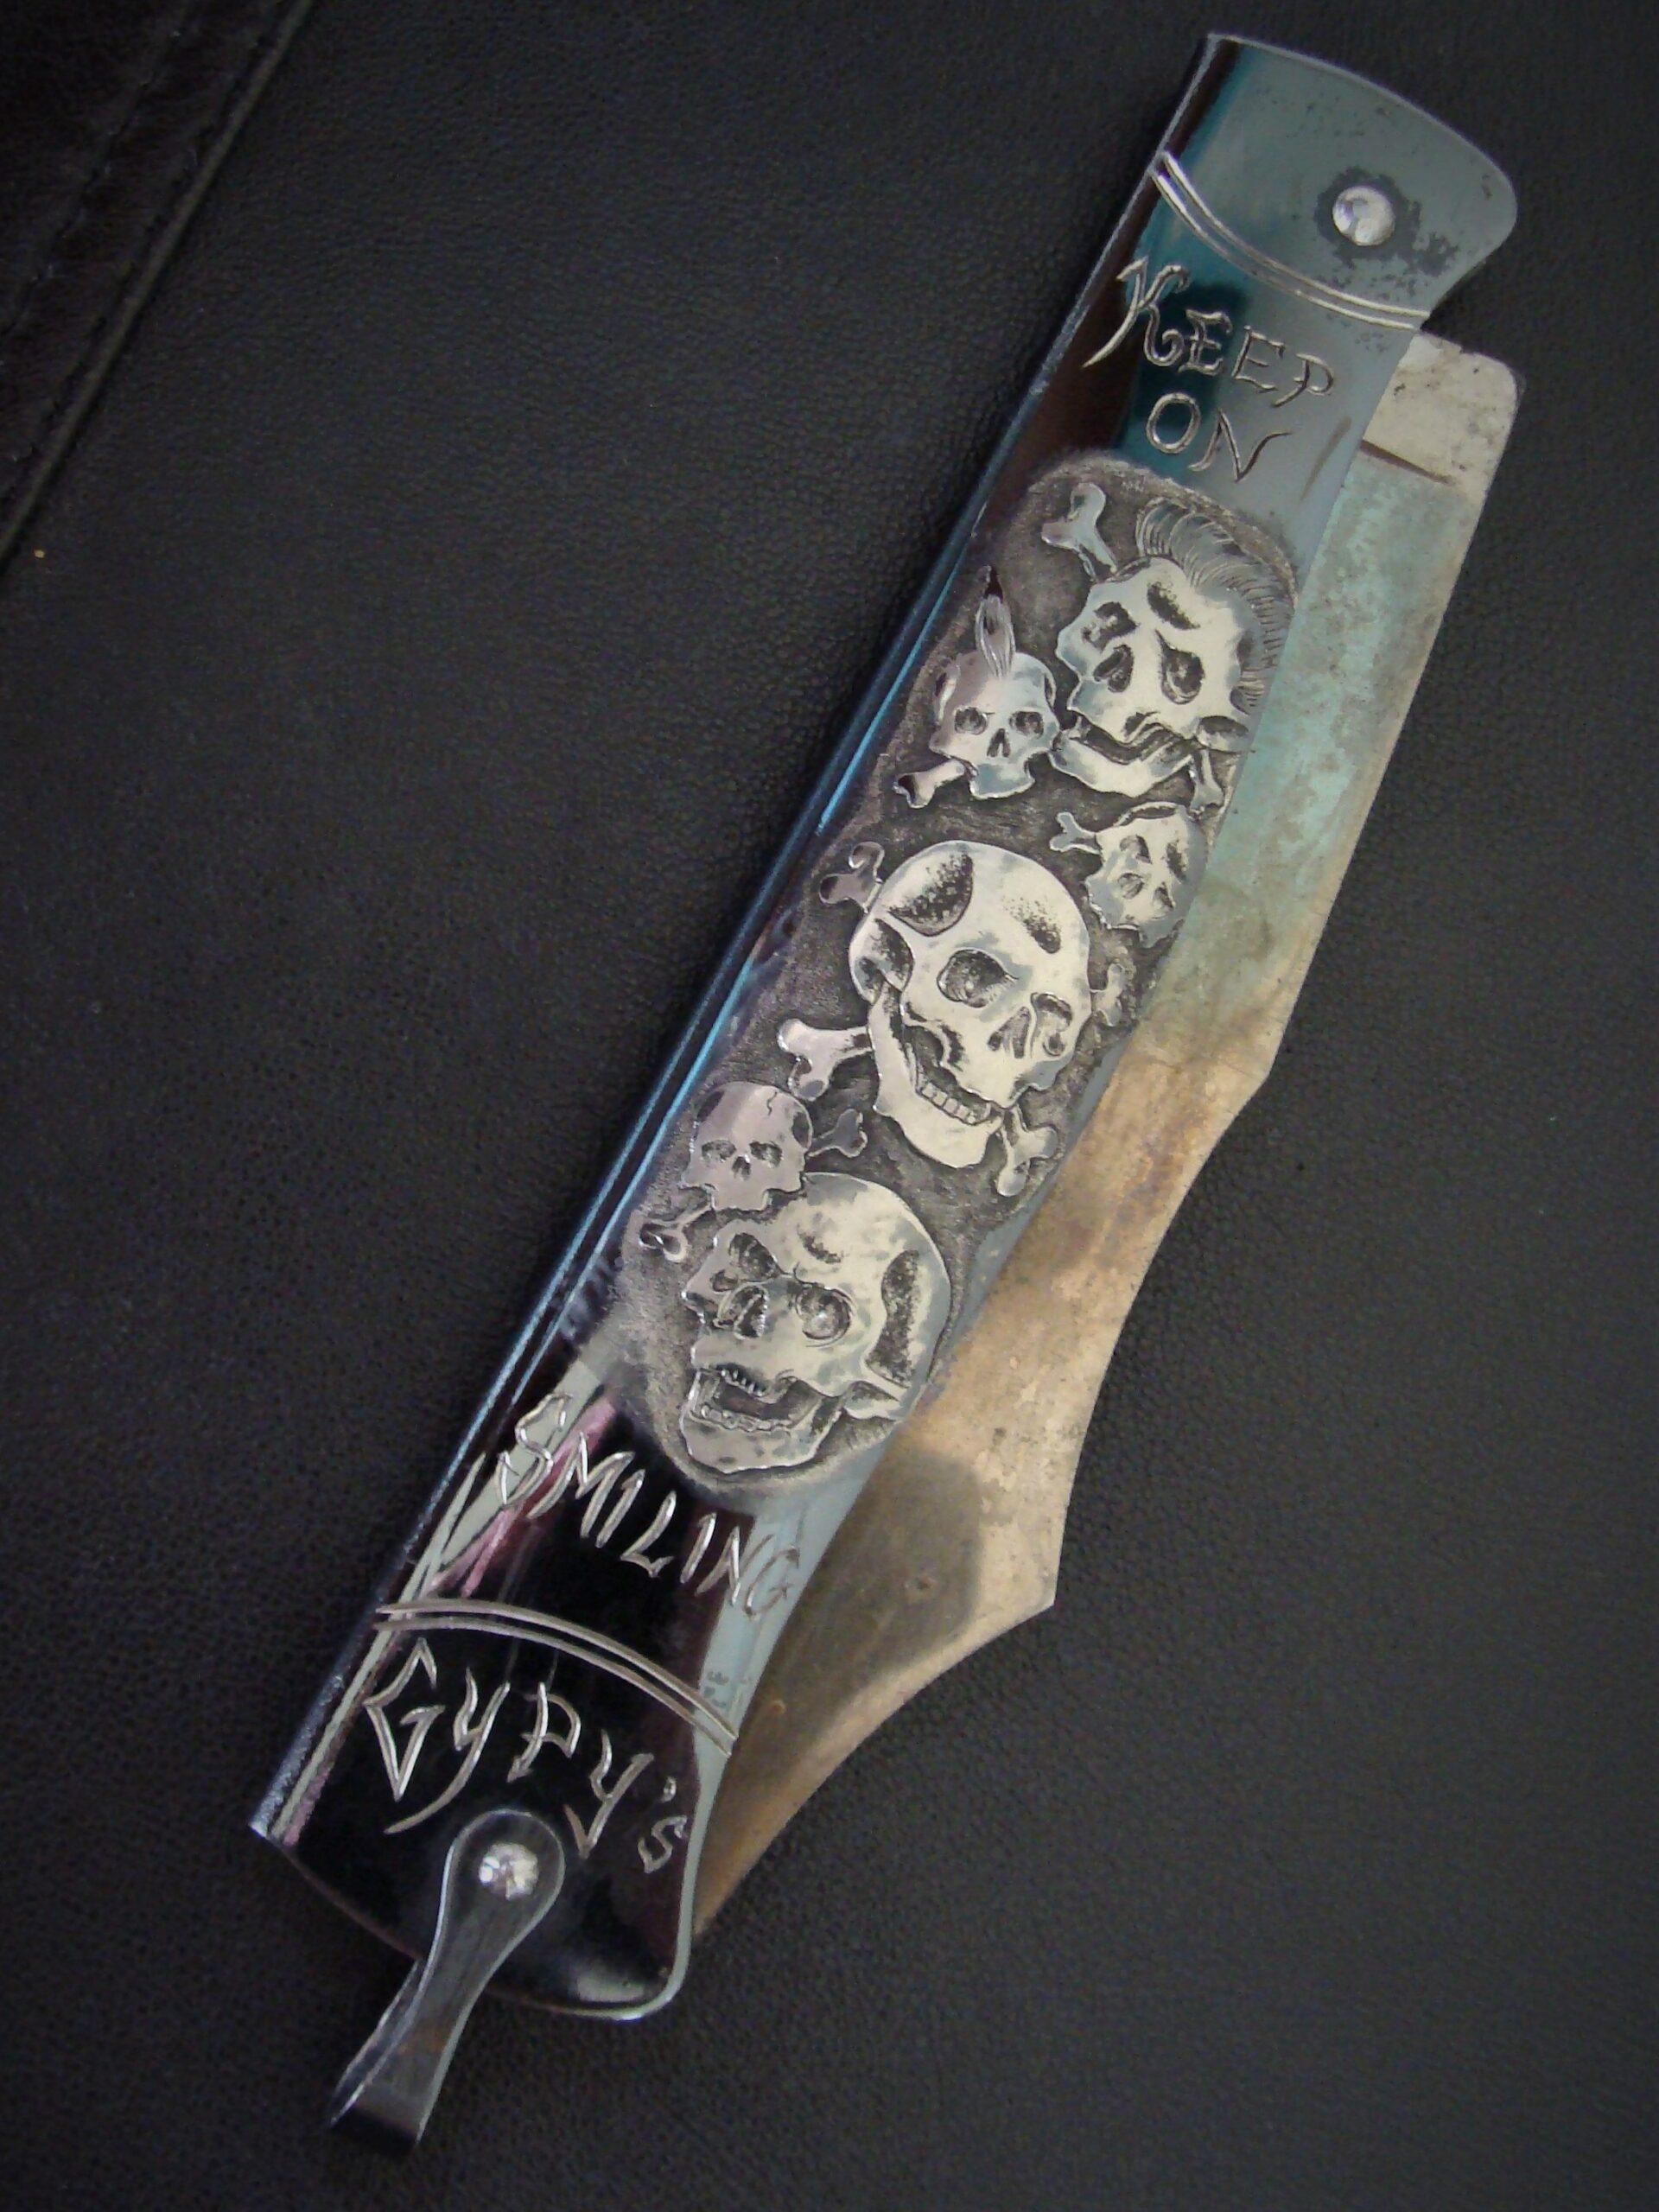 'Keep On Smiling' skulls, pocket knife engraving.